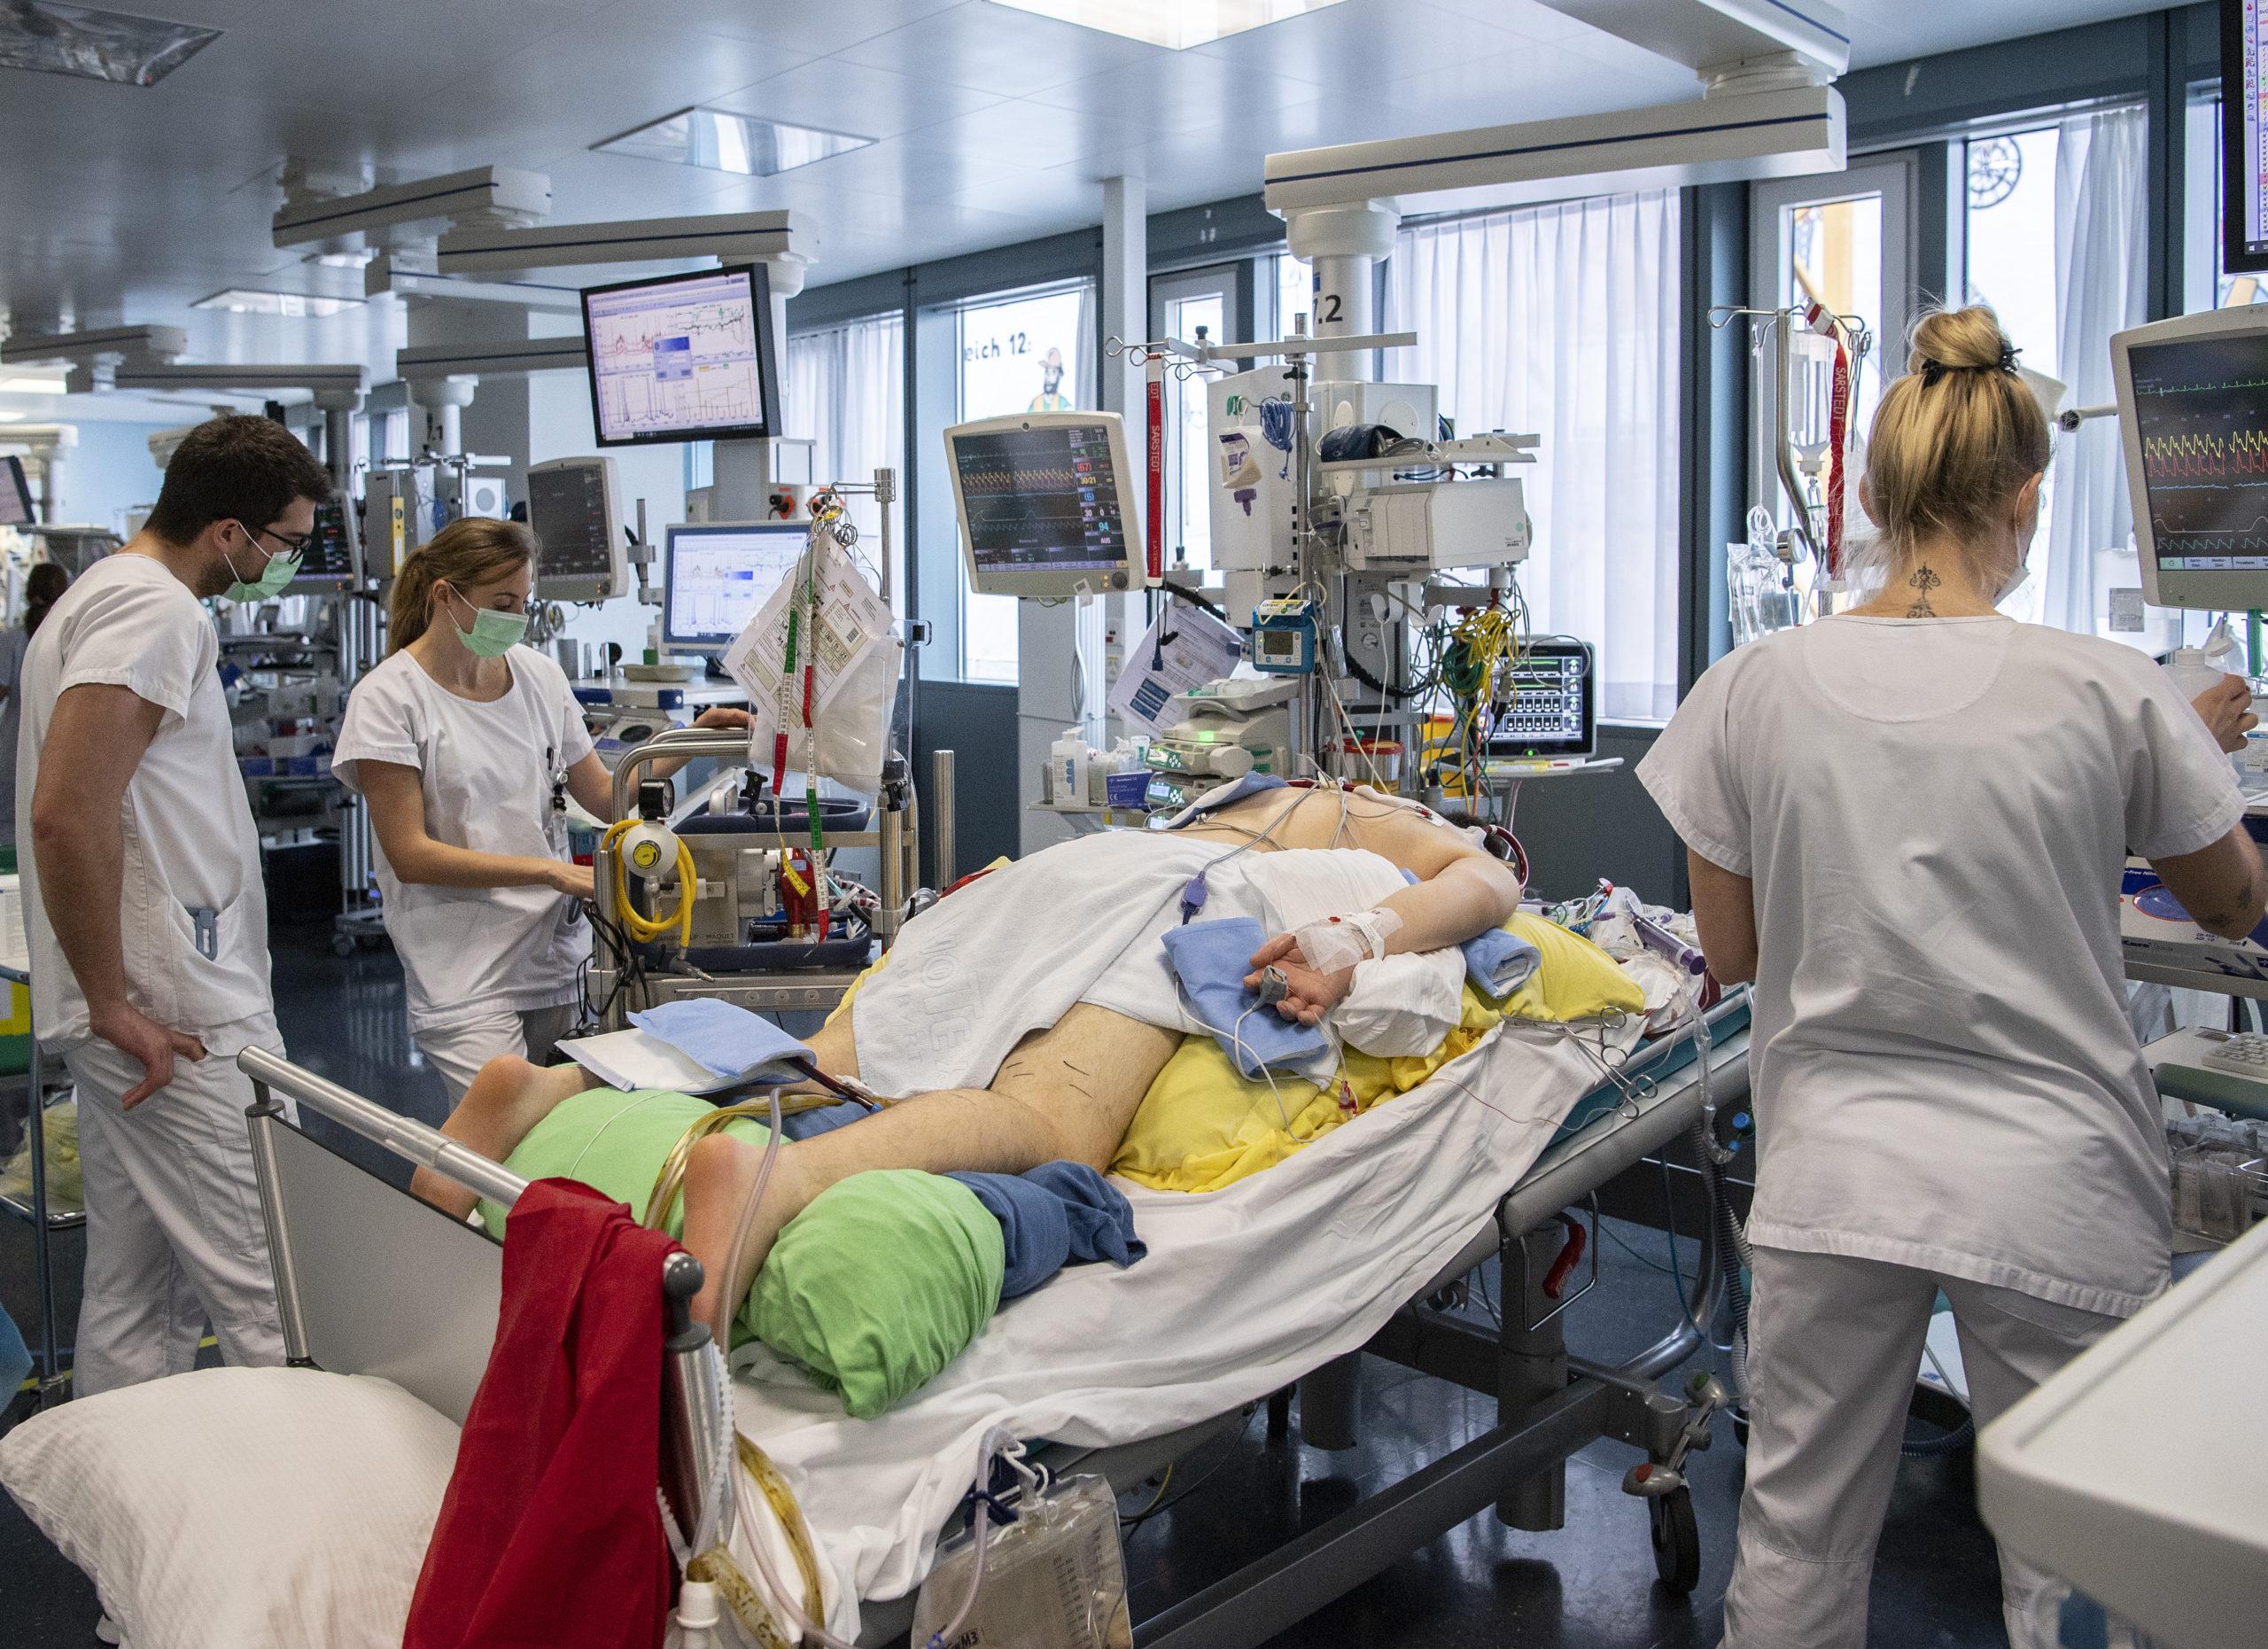 Hausse des infections et des hospitalisations liées au Covid-19